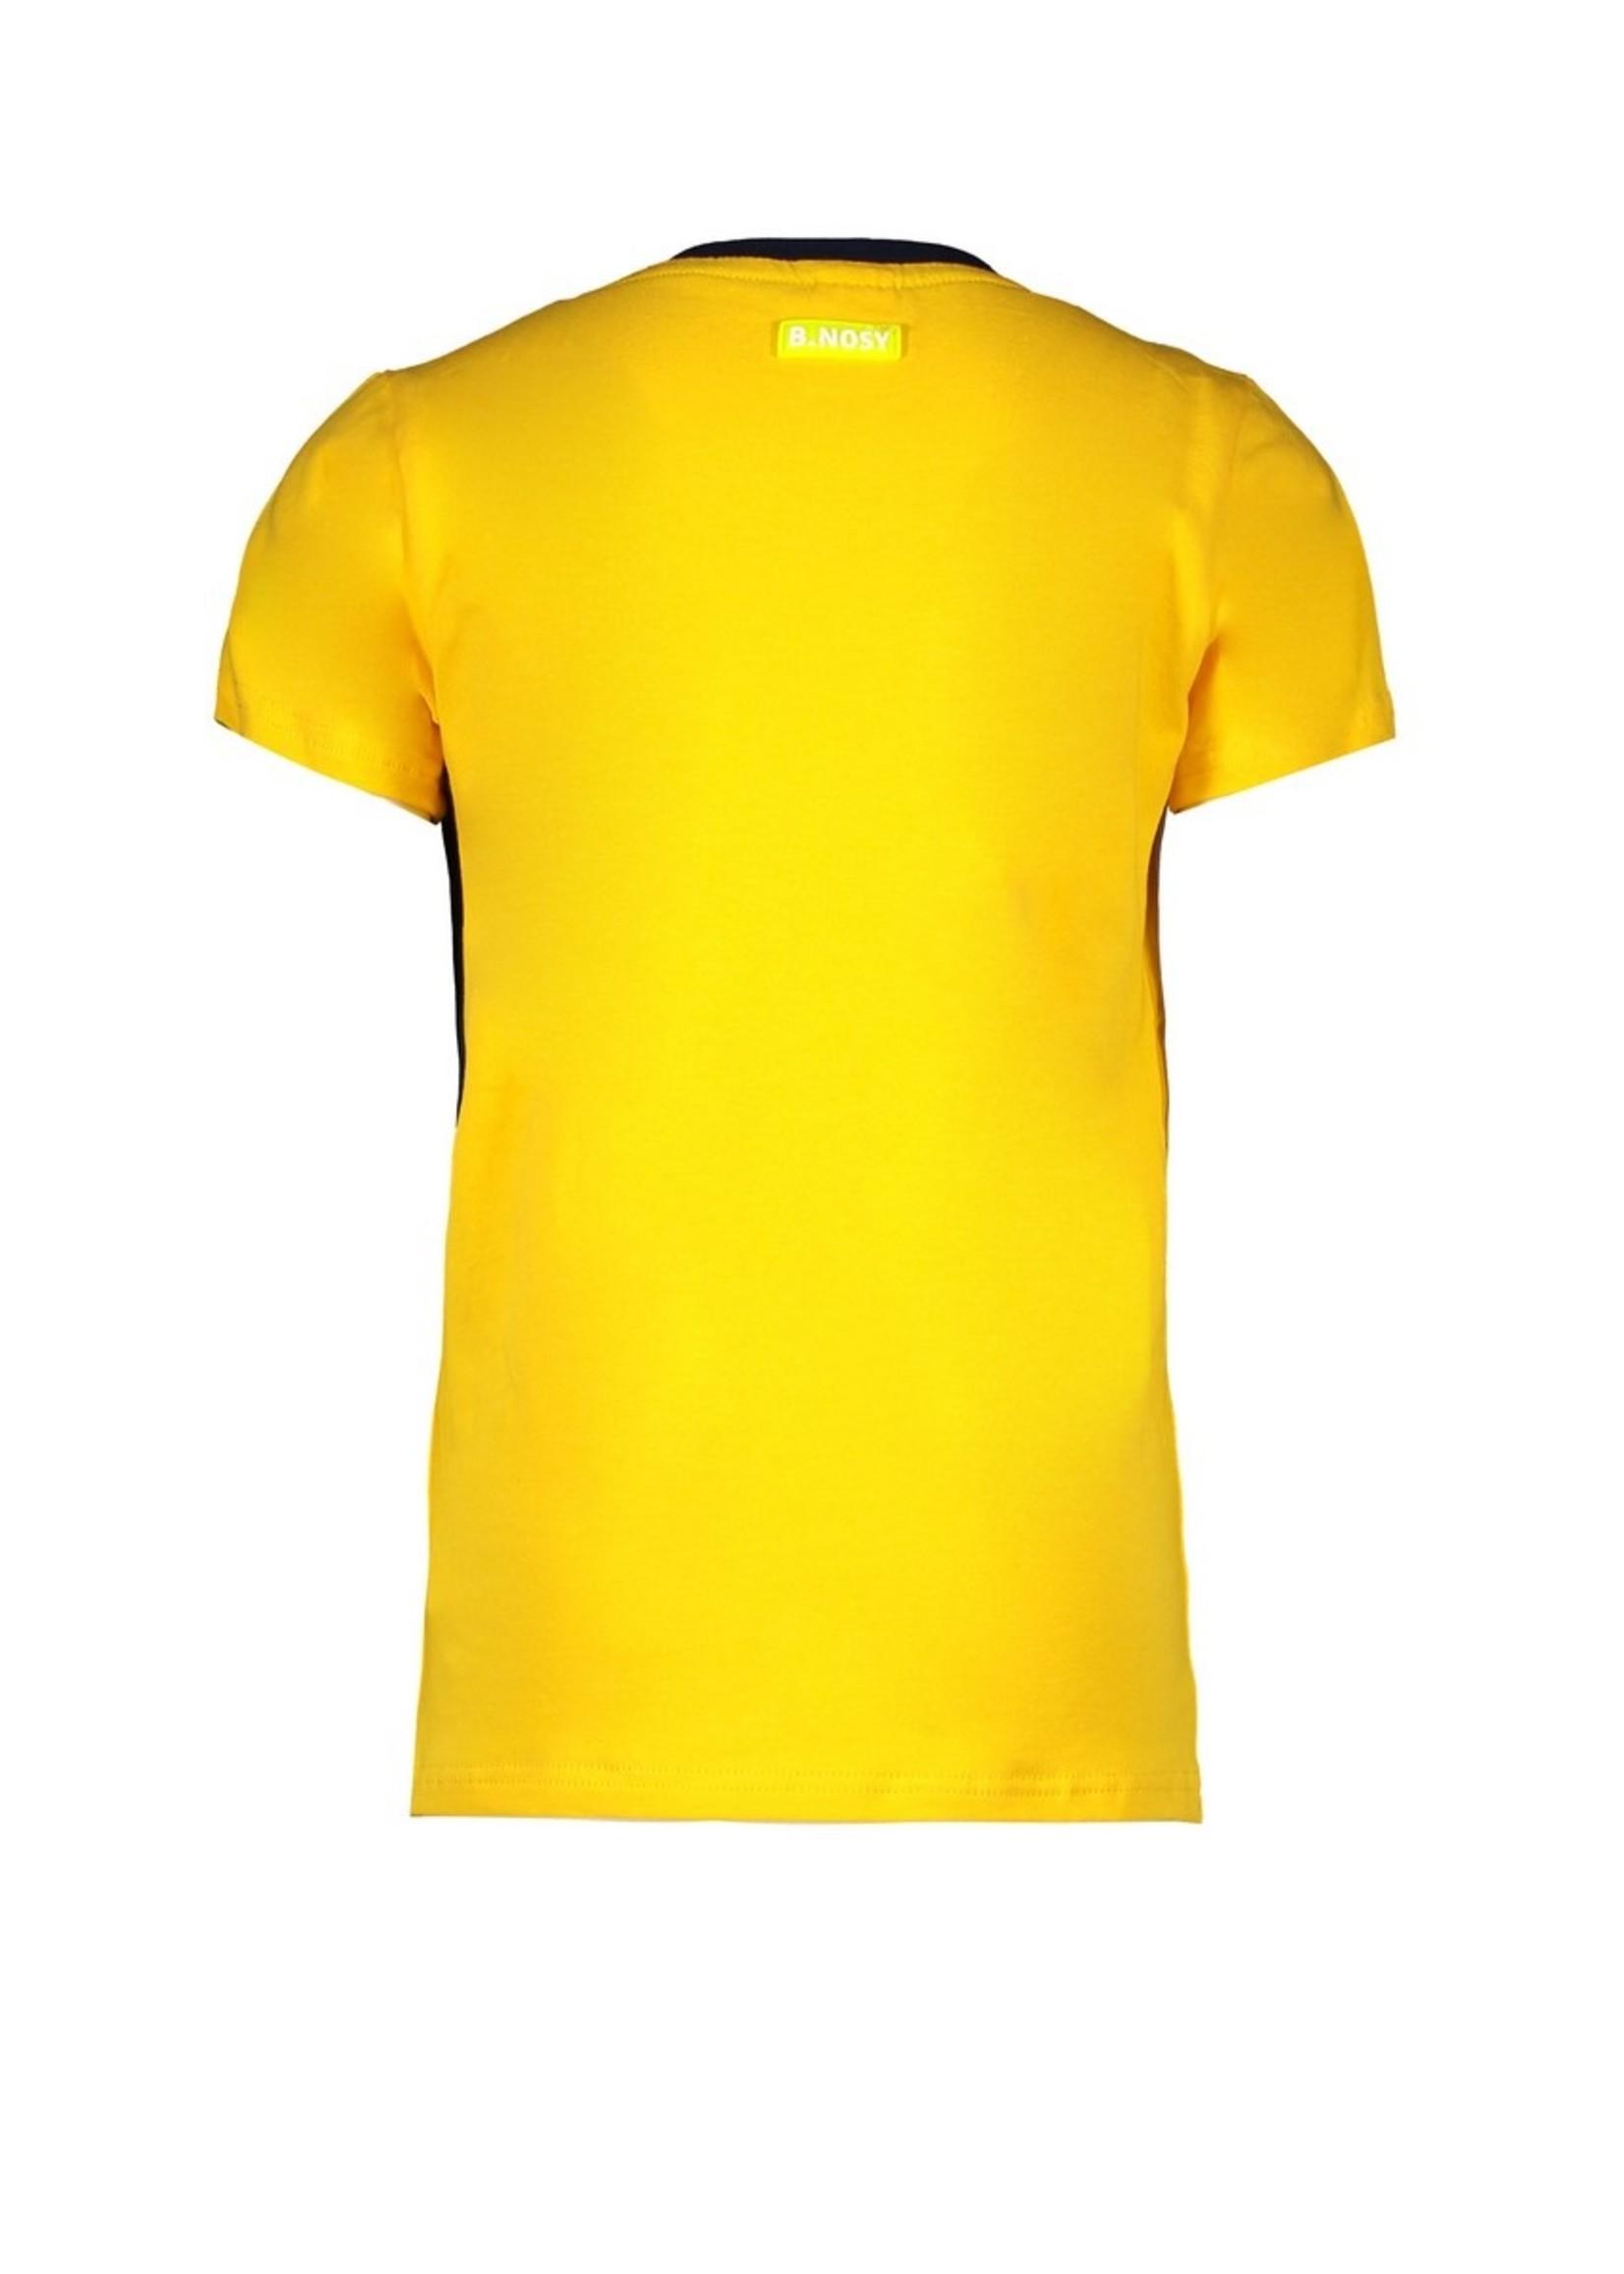 B.nosy Shirt Lemon Chrome